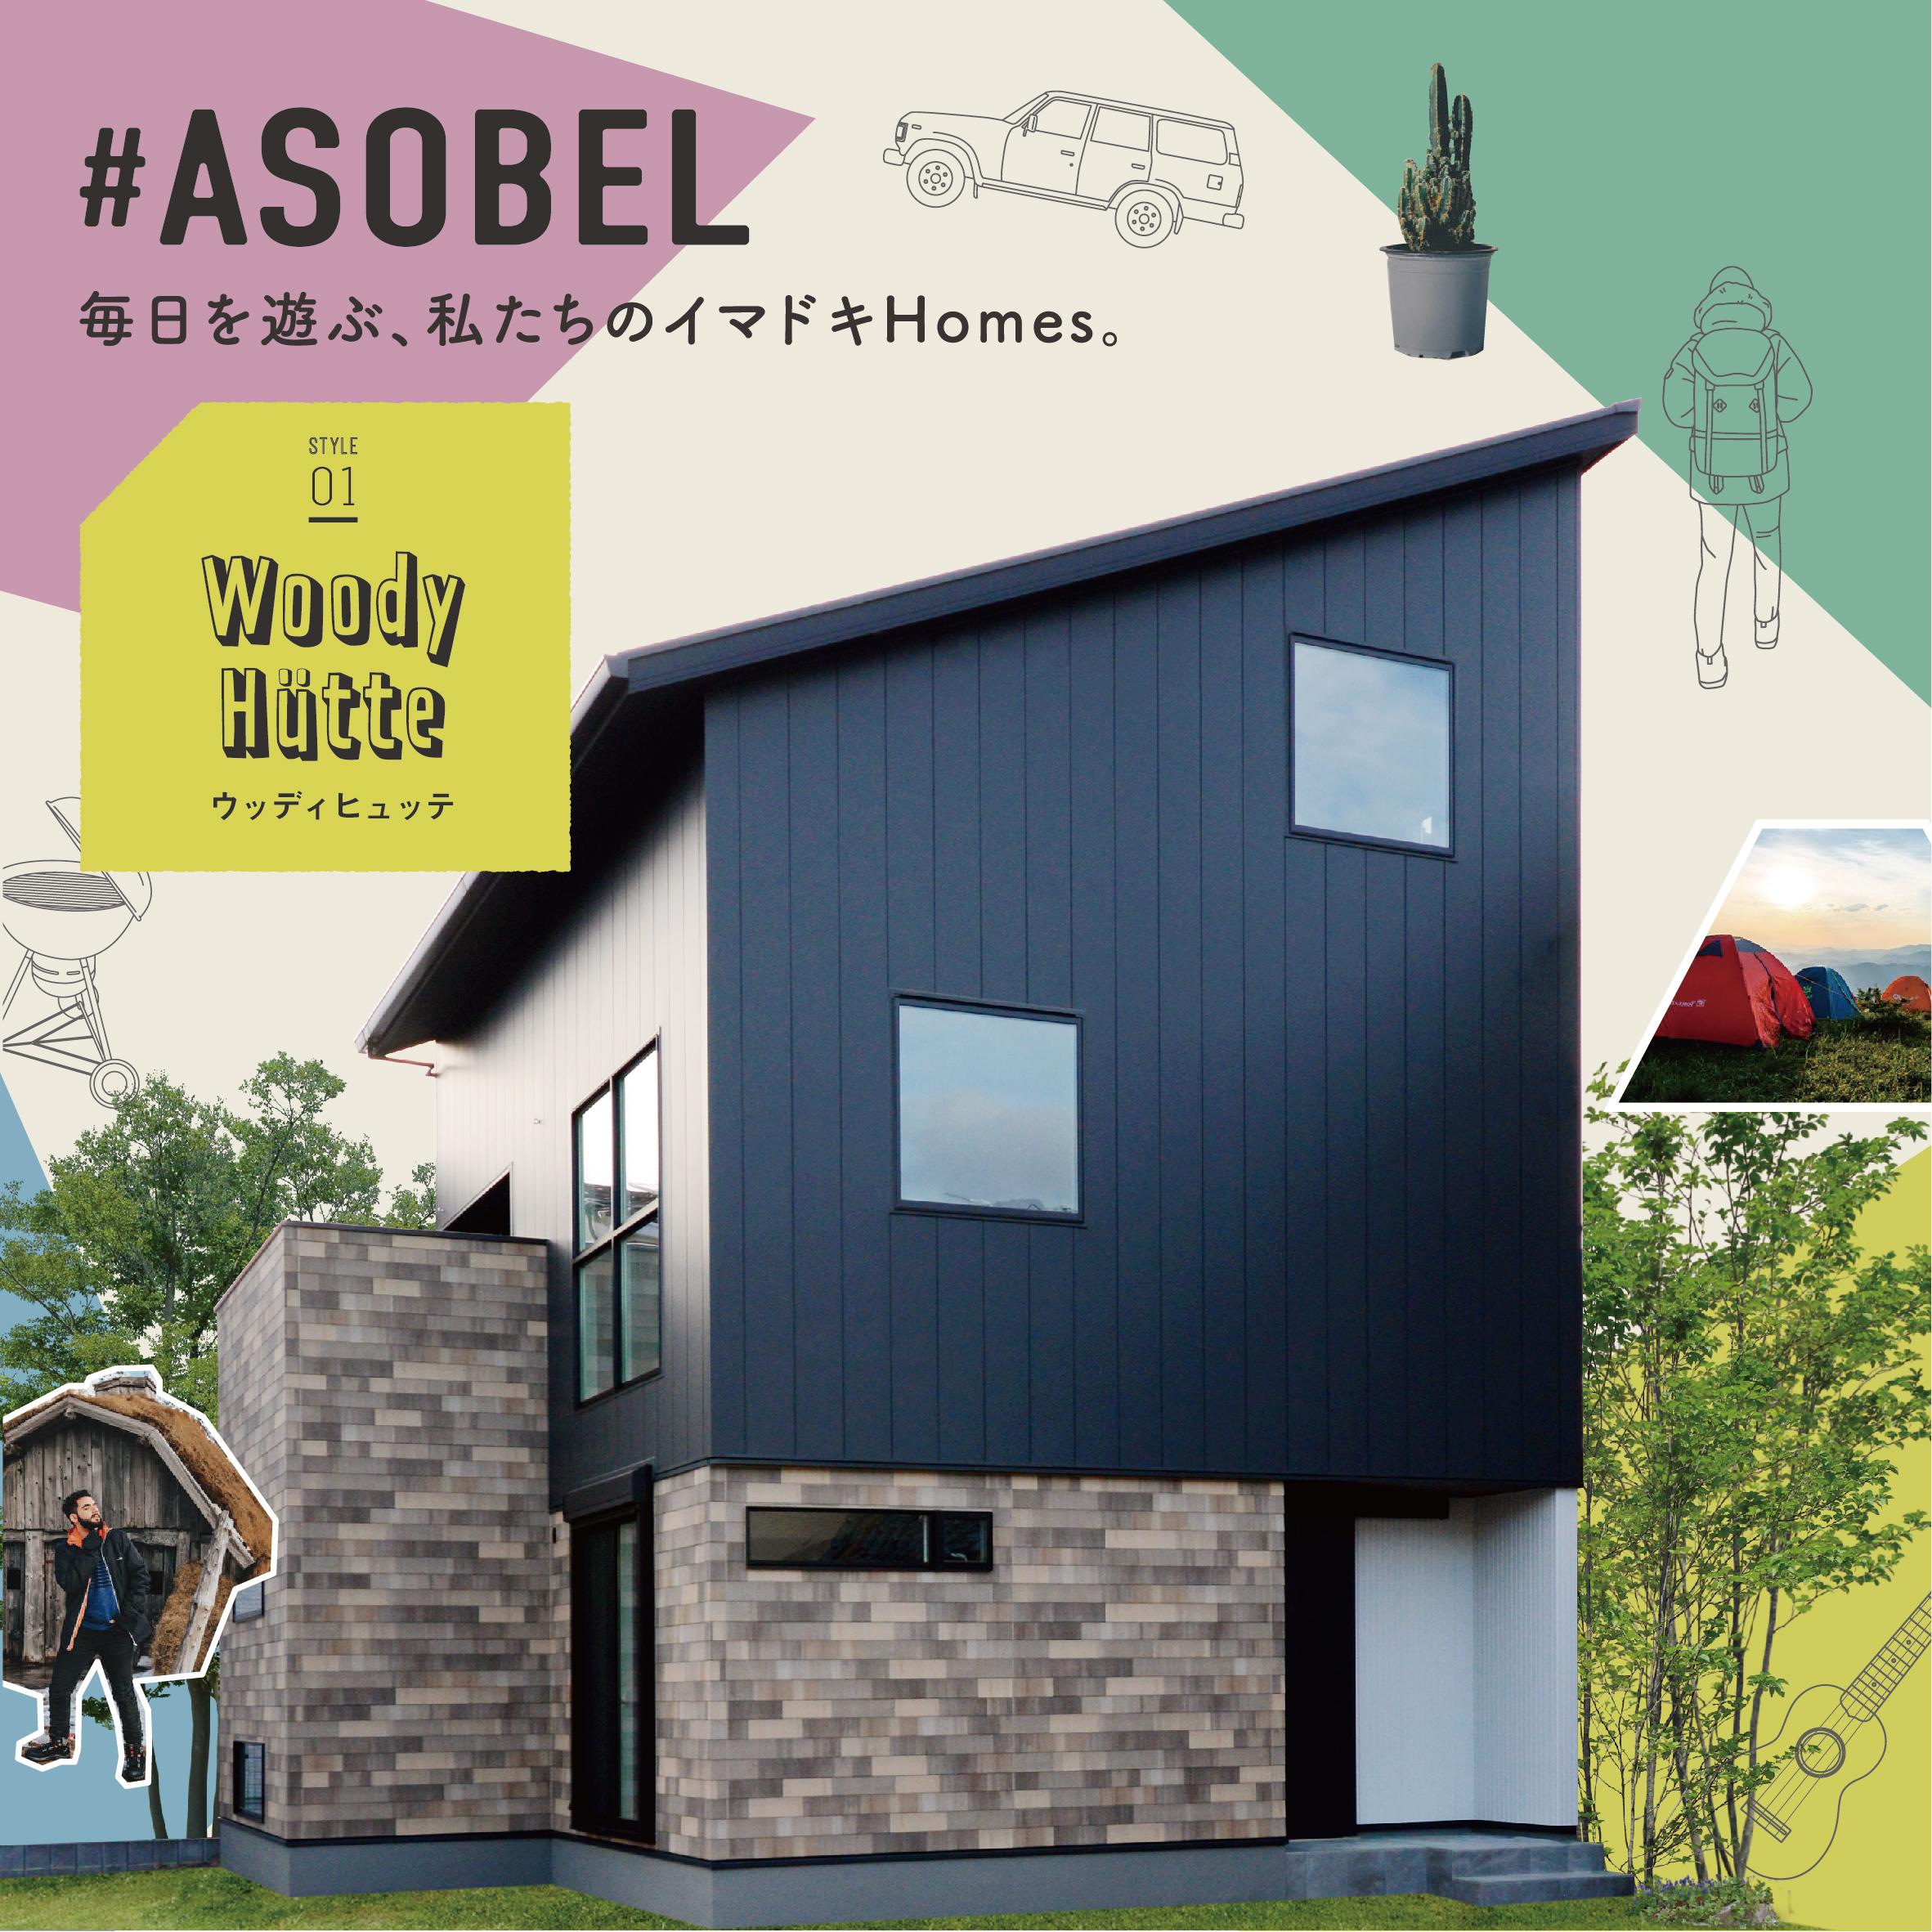 期間限定モデルハウス公開!新商品「#ASOBEL」誕生!